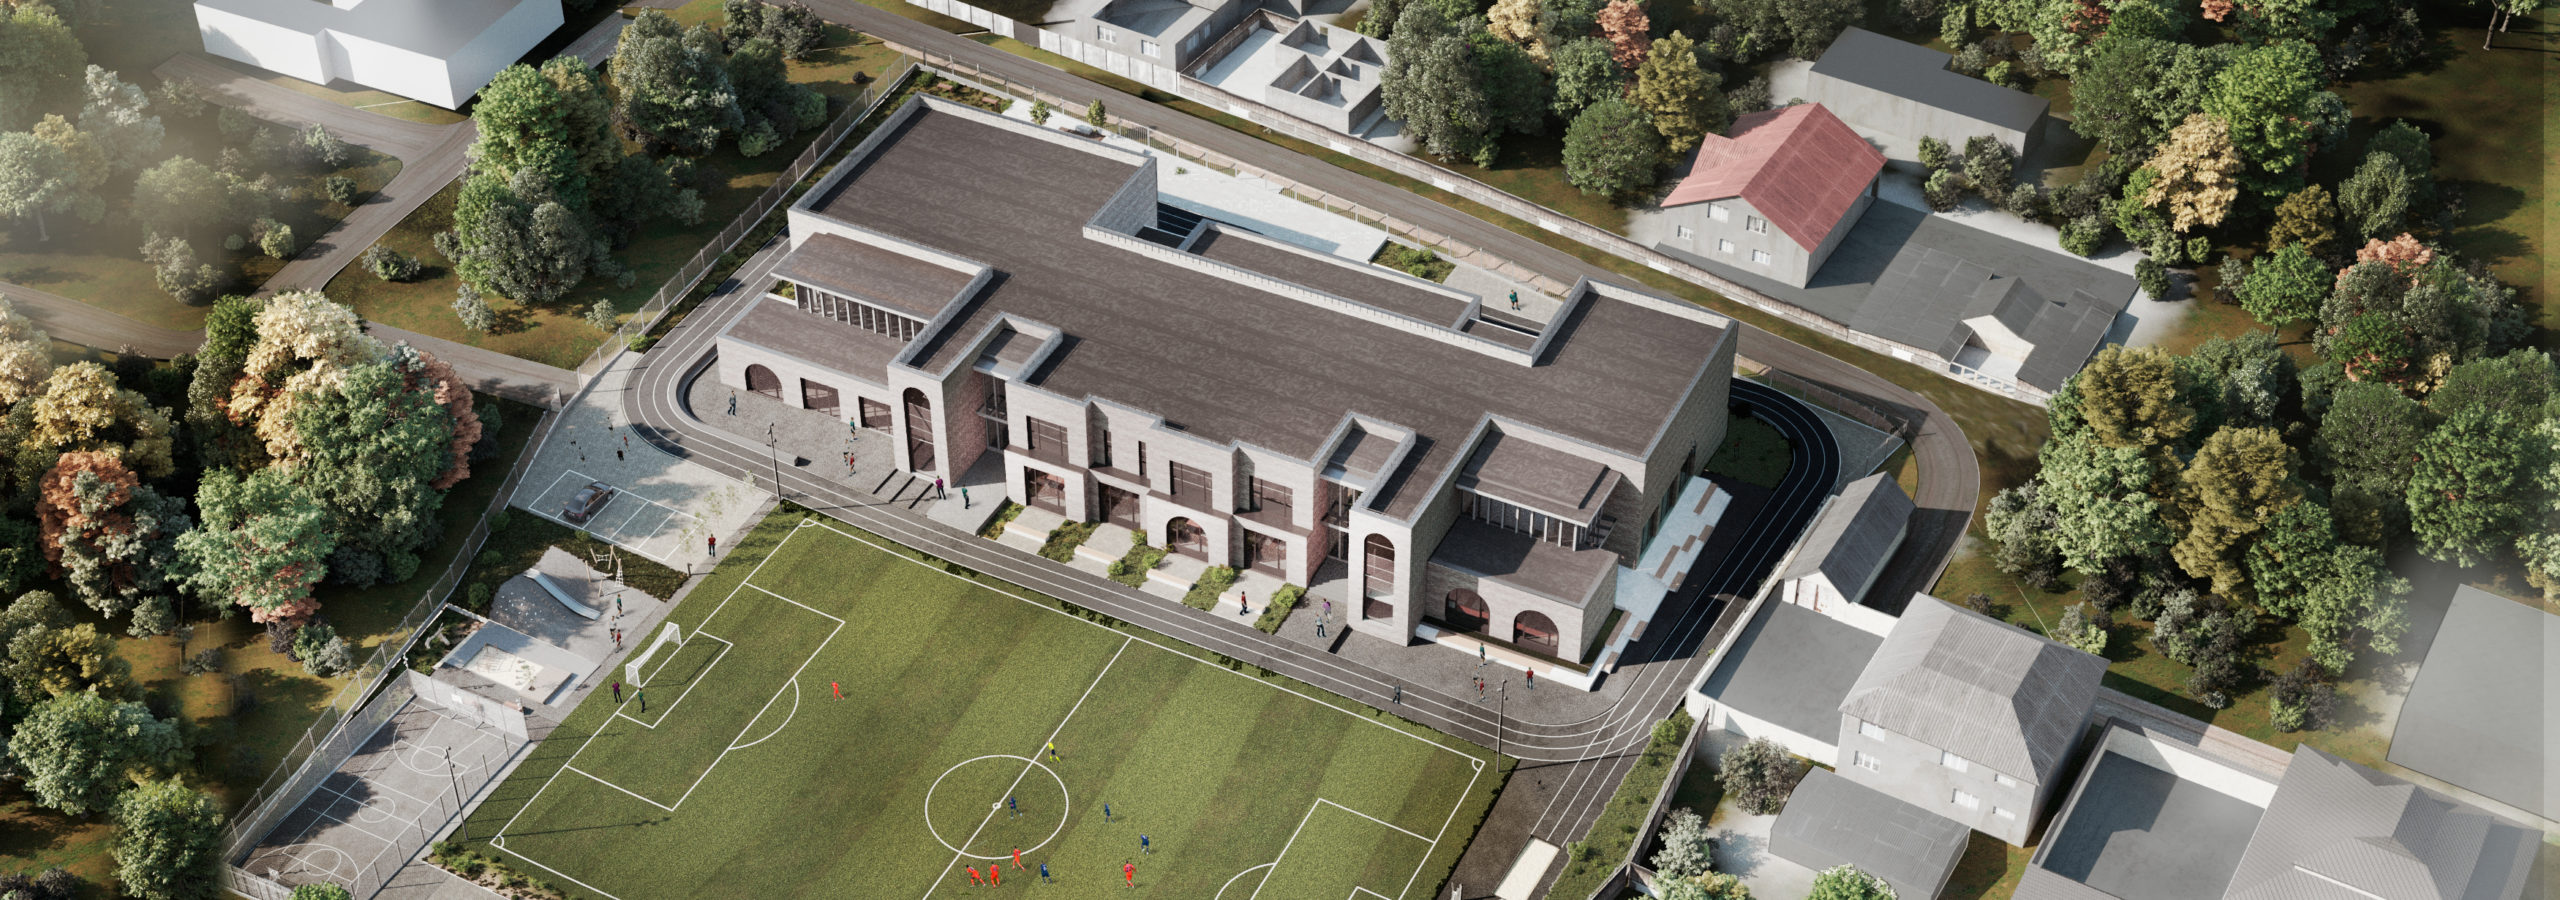 Dagestan School Concept